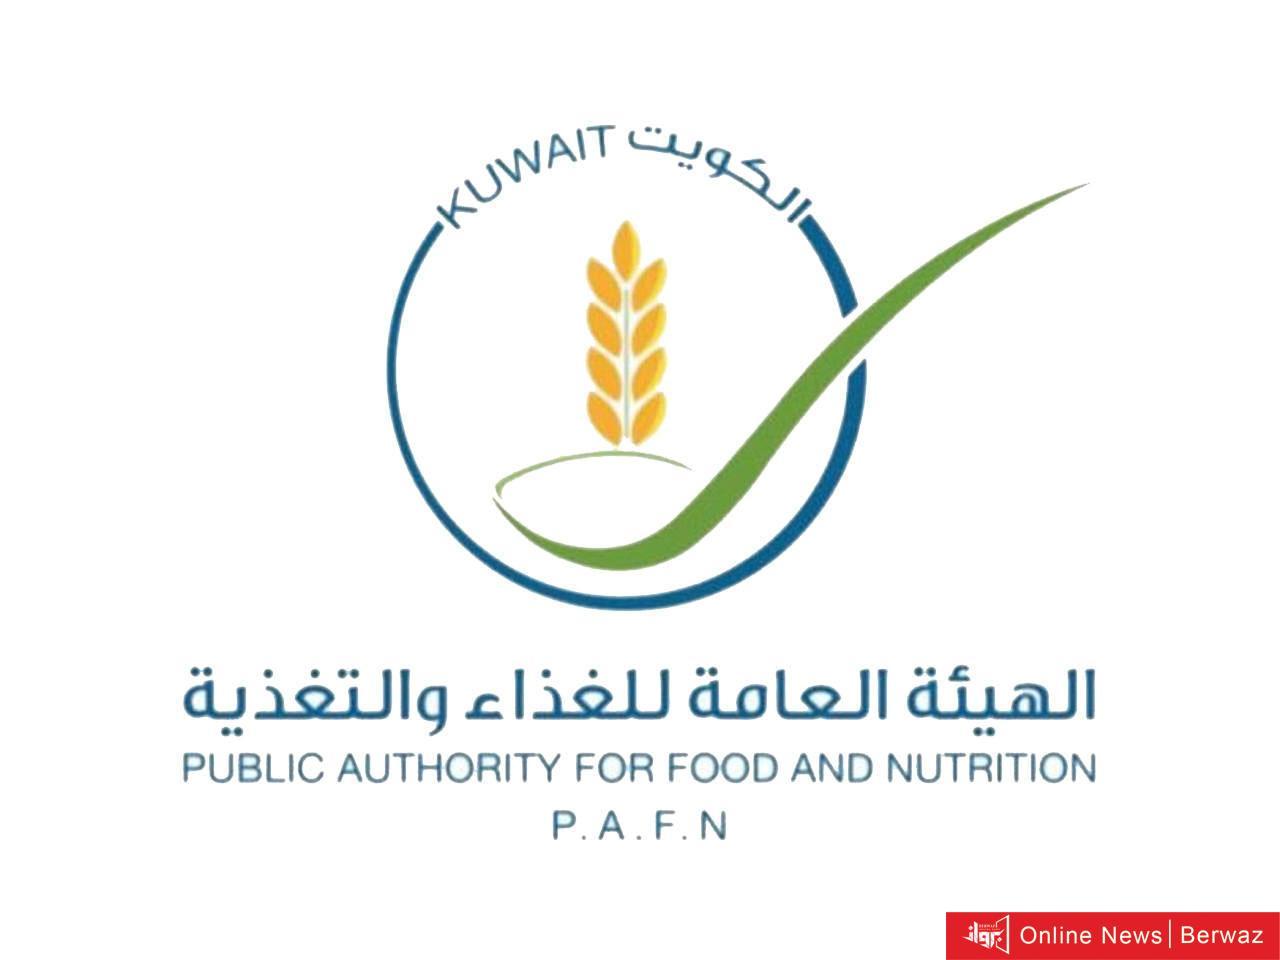 8 - السماح باستيراد اللحوم الكندية وفرض الحظر على الموريتانية